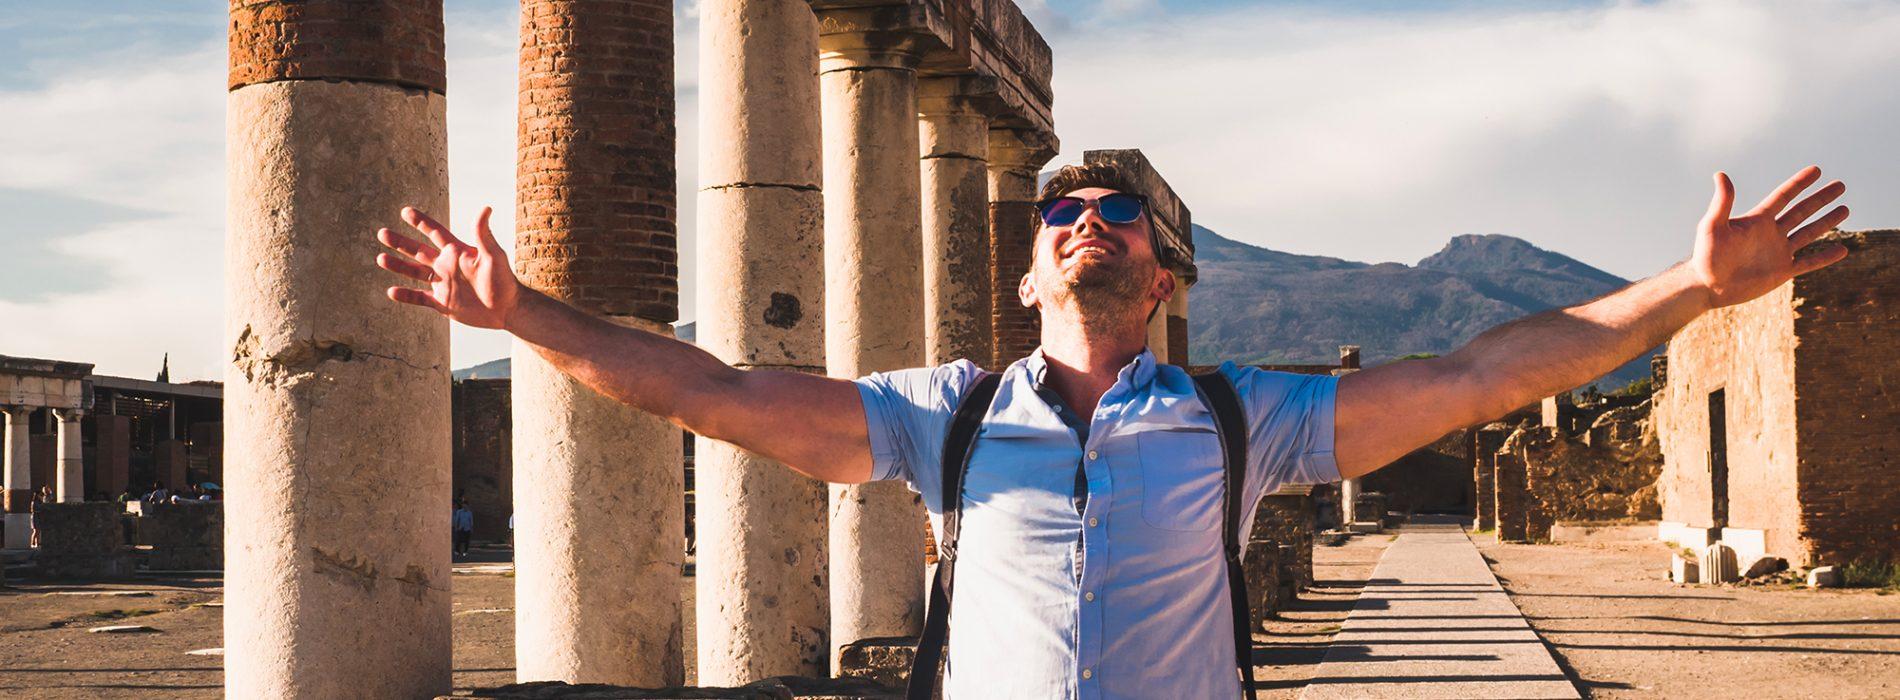 Tour from Naples Port to Pompeii and Amalfi Coast